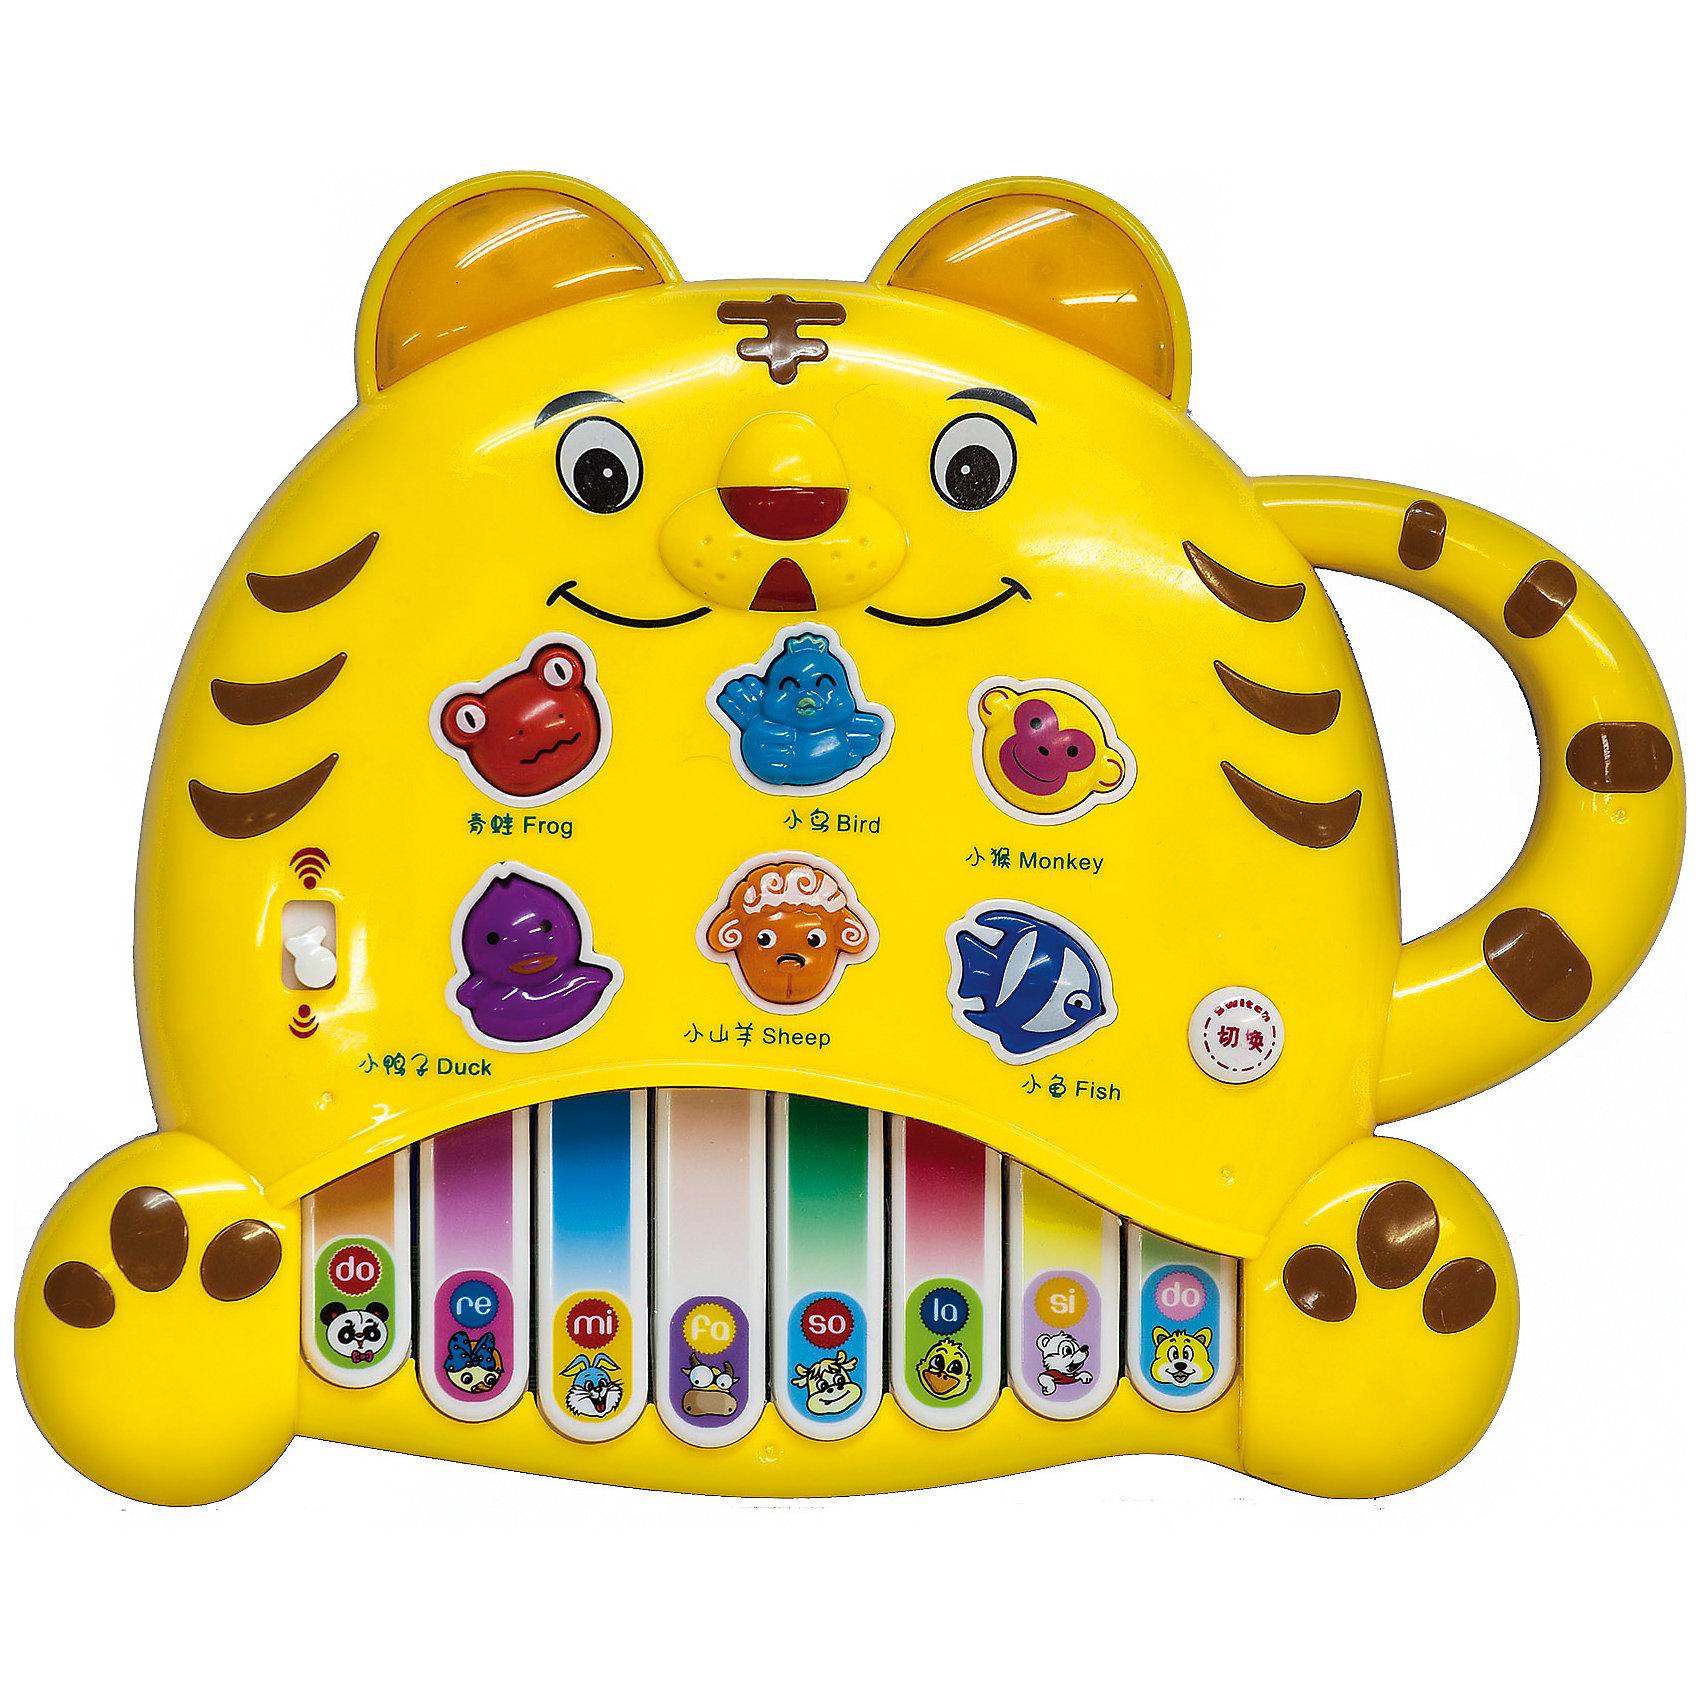 Пианино Тигренок, MOMMY LOVE-ELECTRONICДетские музыкальные инструменты<br>Клавиши пианино Тигренок, MOMMY LOVE-ELECTRONIC помогут малышу выучить гамму. При нажатии на кнопки с изображением животных оно называет животного, воспроизводит его голос и проигрывает веселую мелодию. <br>В каком бы порядке не нажимал ребенок клавиши, у него в любом случае получится хорошая мелодия.<br>Имеется также режим игры: пианино просит ребенка найти животное. Показать, например, овечку или рыбку. Если с первого раза правильный ответ найти не получится – ничего! Игра повторит вопрос еще несколько раз. Ну а потом, в случае «полного провала», обязательно подскажет правильный ответ!<br>Пианино Тигренок, MOMMY LOVE-ELECTRONIC поможет ребенку быстро и легко усвоит простые образы животных, разовьет мелкую моторику, память, воображение, координацию движений.<br><br>Дополнительная информация:<br><br>Размер: 25x25x6 см; <br>Материал: пластик; <br>Питание: 3 батарейки АА;<br><br>Пианино Тигренок, MOMMY LOVE-ELECTRONIC можно купить в нашем магазине.<br><br>Ширина мм: 250<br>Глубина мм: 55<br>Высота мм: 250<br>Вес г: 410<br>Возраст от месяцев: 0<br>Возраст до месяцев: 36<br>Пол: Унисекс<br>Возраст: Детский<br>SKU: 4318190